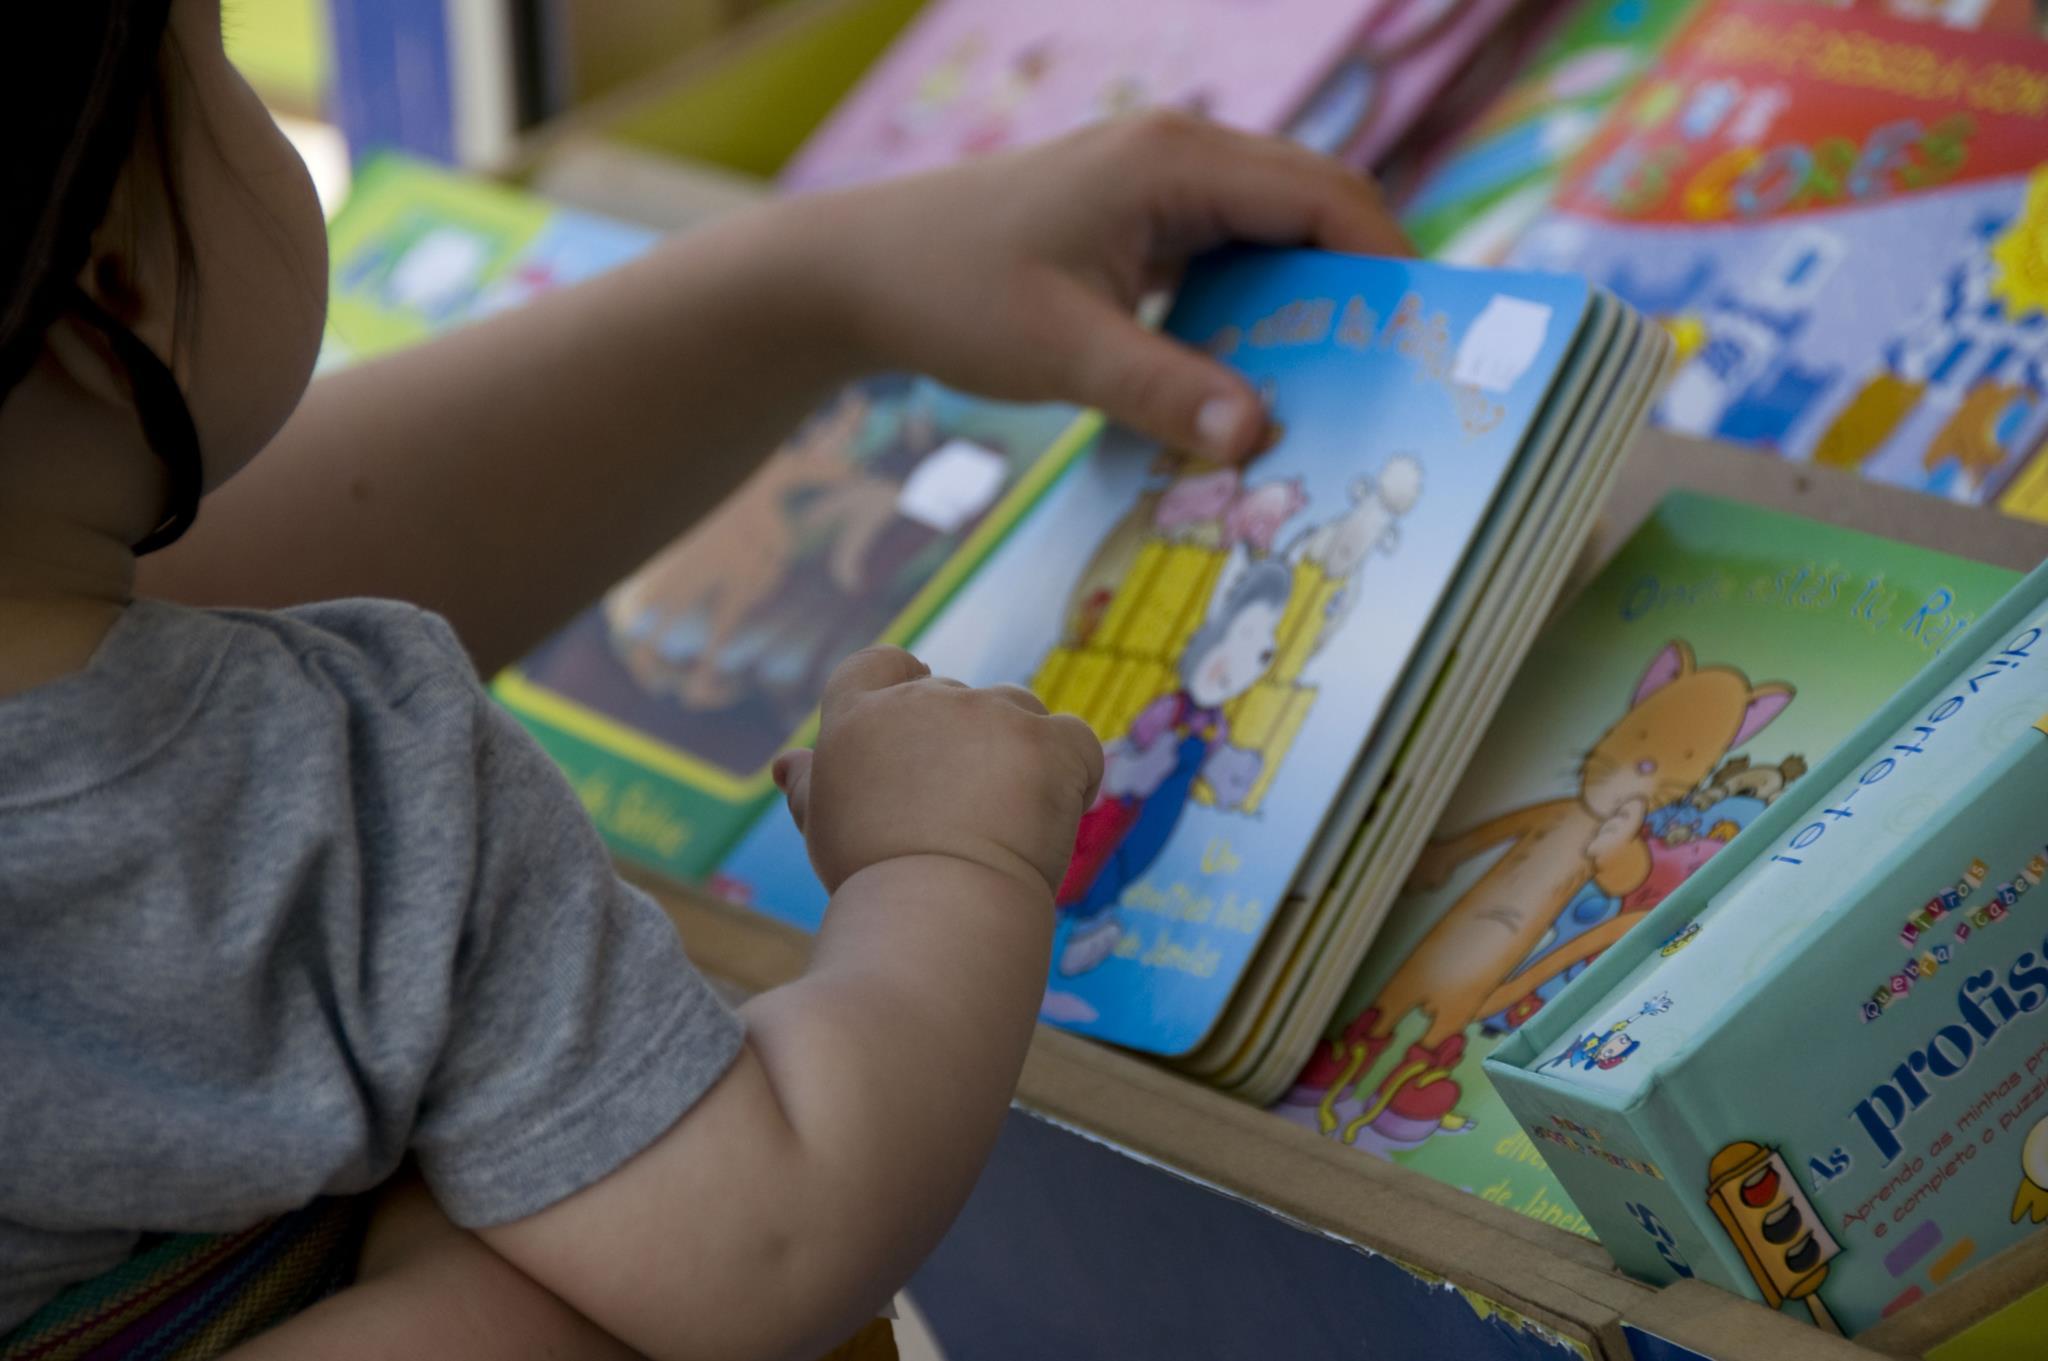 Serão os filhos primogénitos os mais inteligentes?